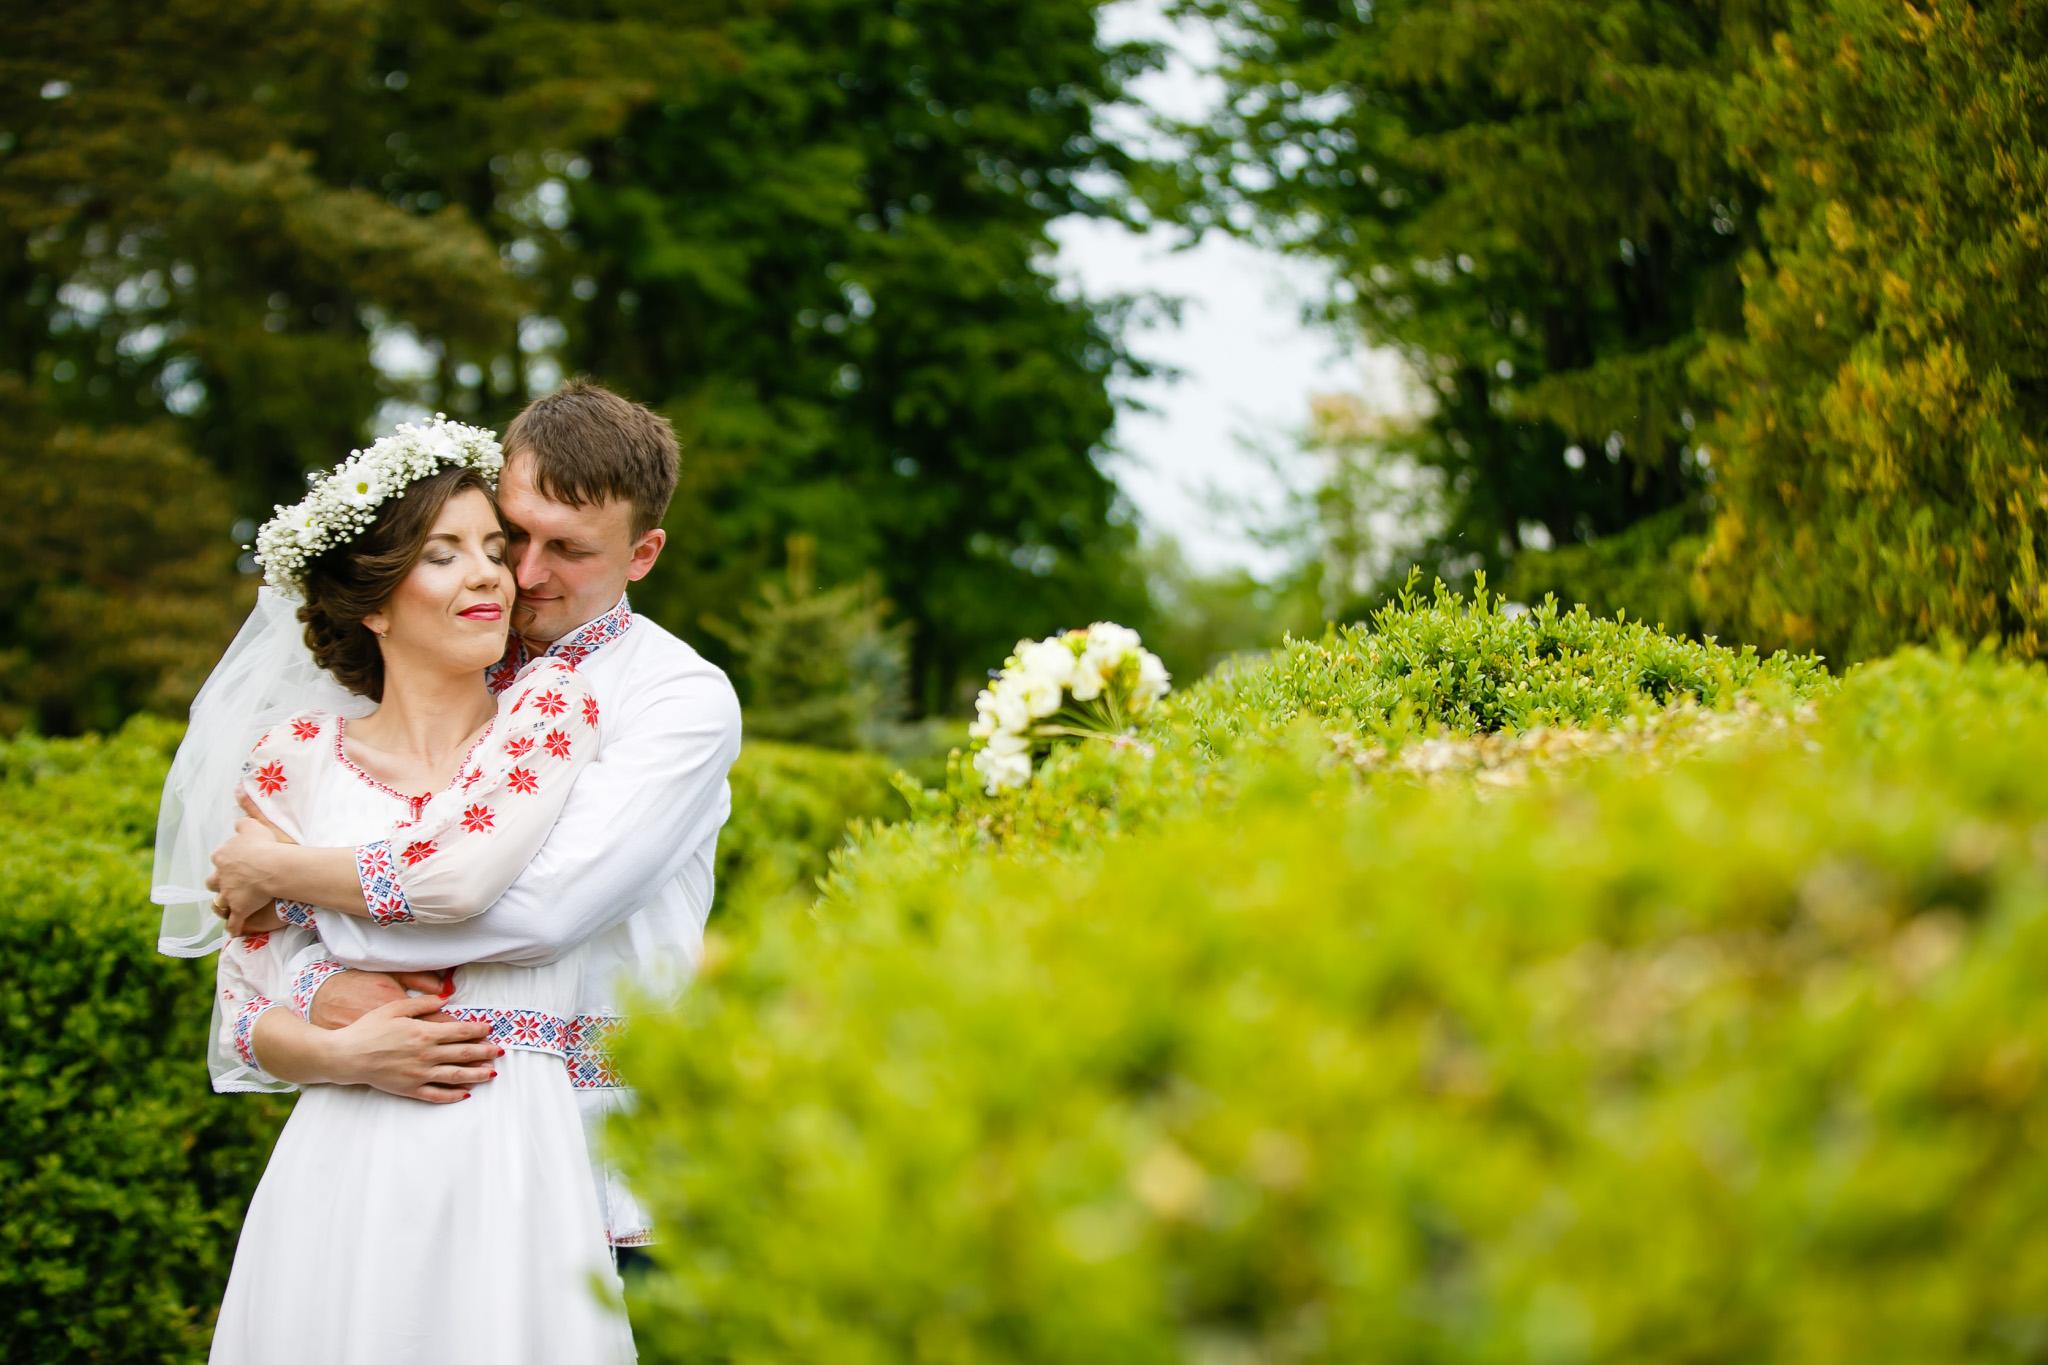 Nuntă tradițională Elisabeta și Alexandru fotograf profesionist nunta Iasi www.paulpadurariu.ro © 2018 Paul Padurariu fotograf de nunta Iasi sedinta foto miri 2